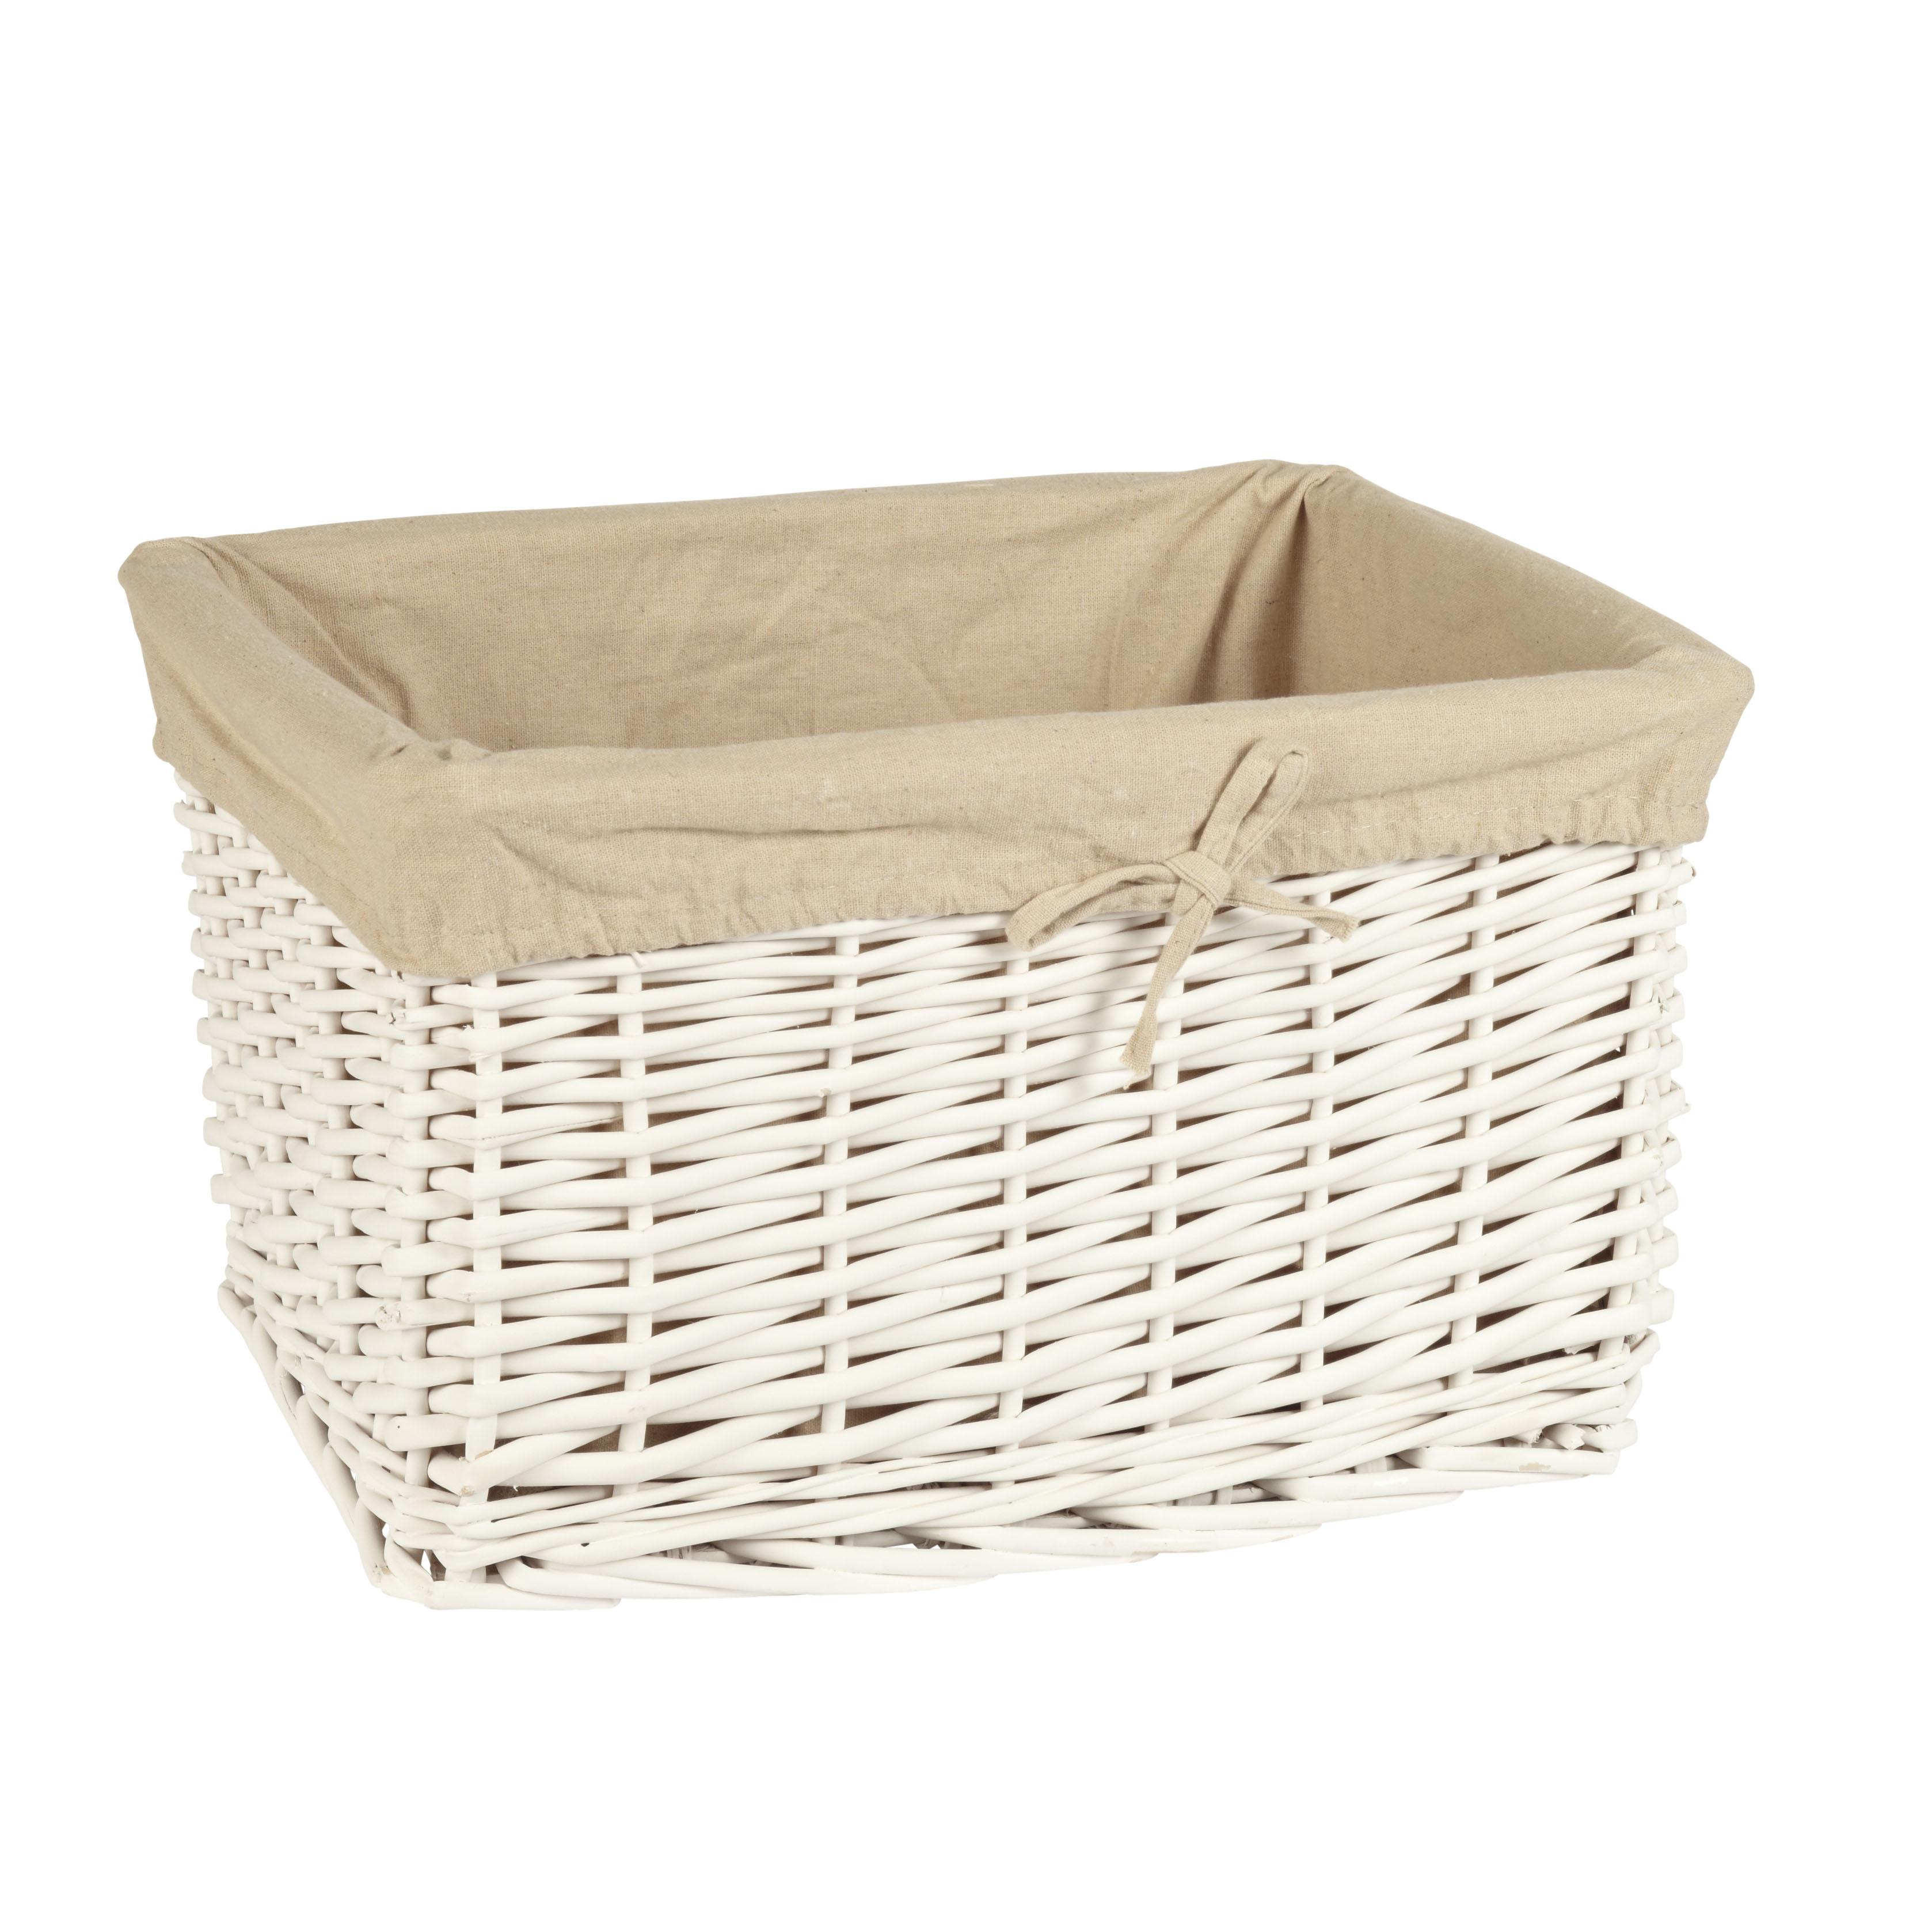 Cesta de mimbre blanca con forro de tela 31 22 18cm orden en casa - Como forrar cestas de mimbre ...